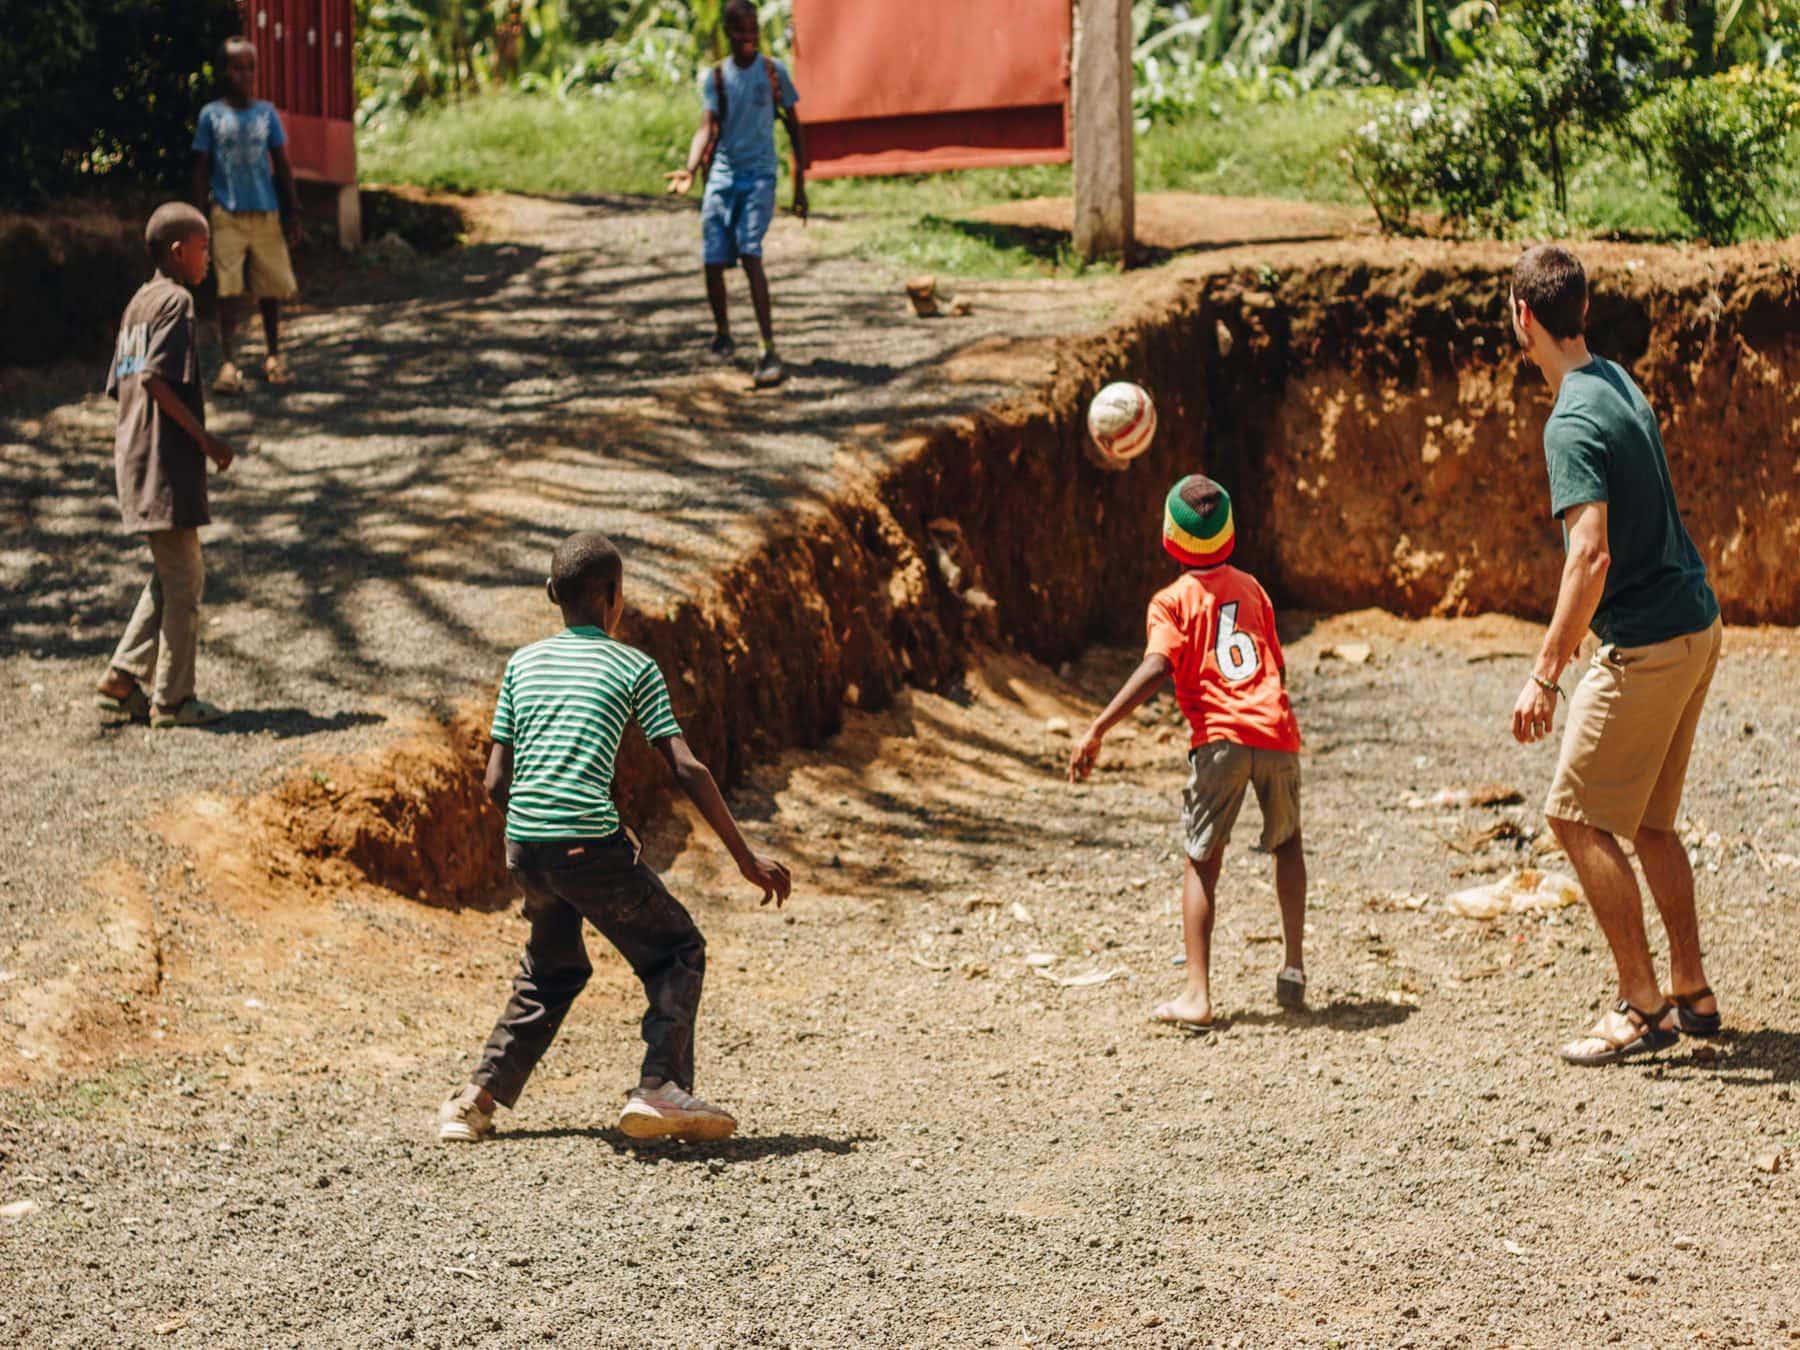 Arusha, Tanzania: Service + Travel Guide